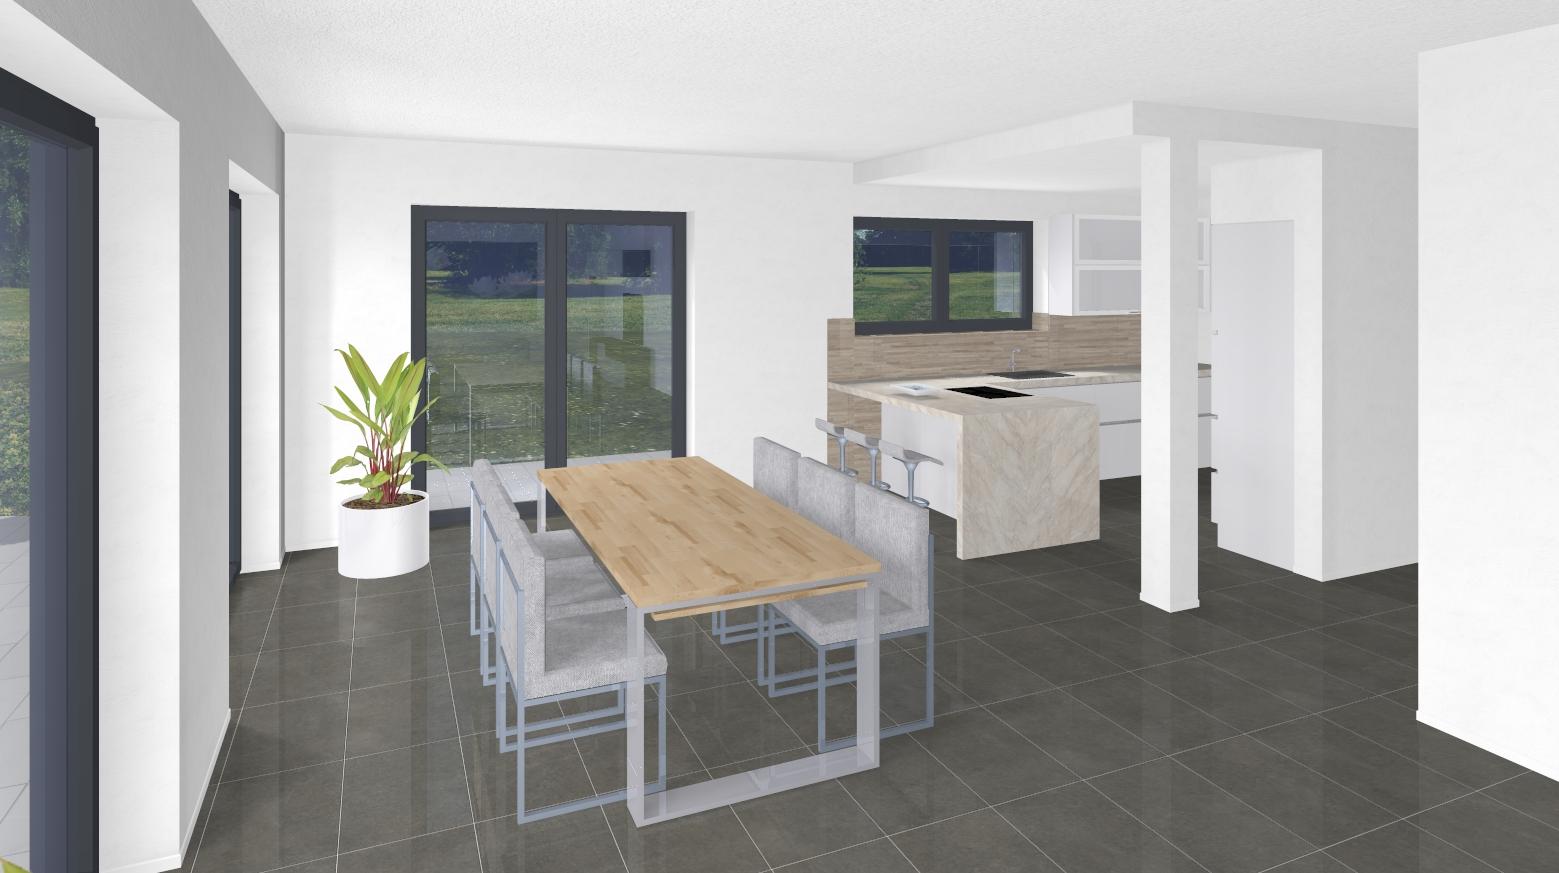 Bauvorhaben ARTOS HAUS in Korschenbroich - Visualisierung 3